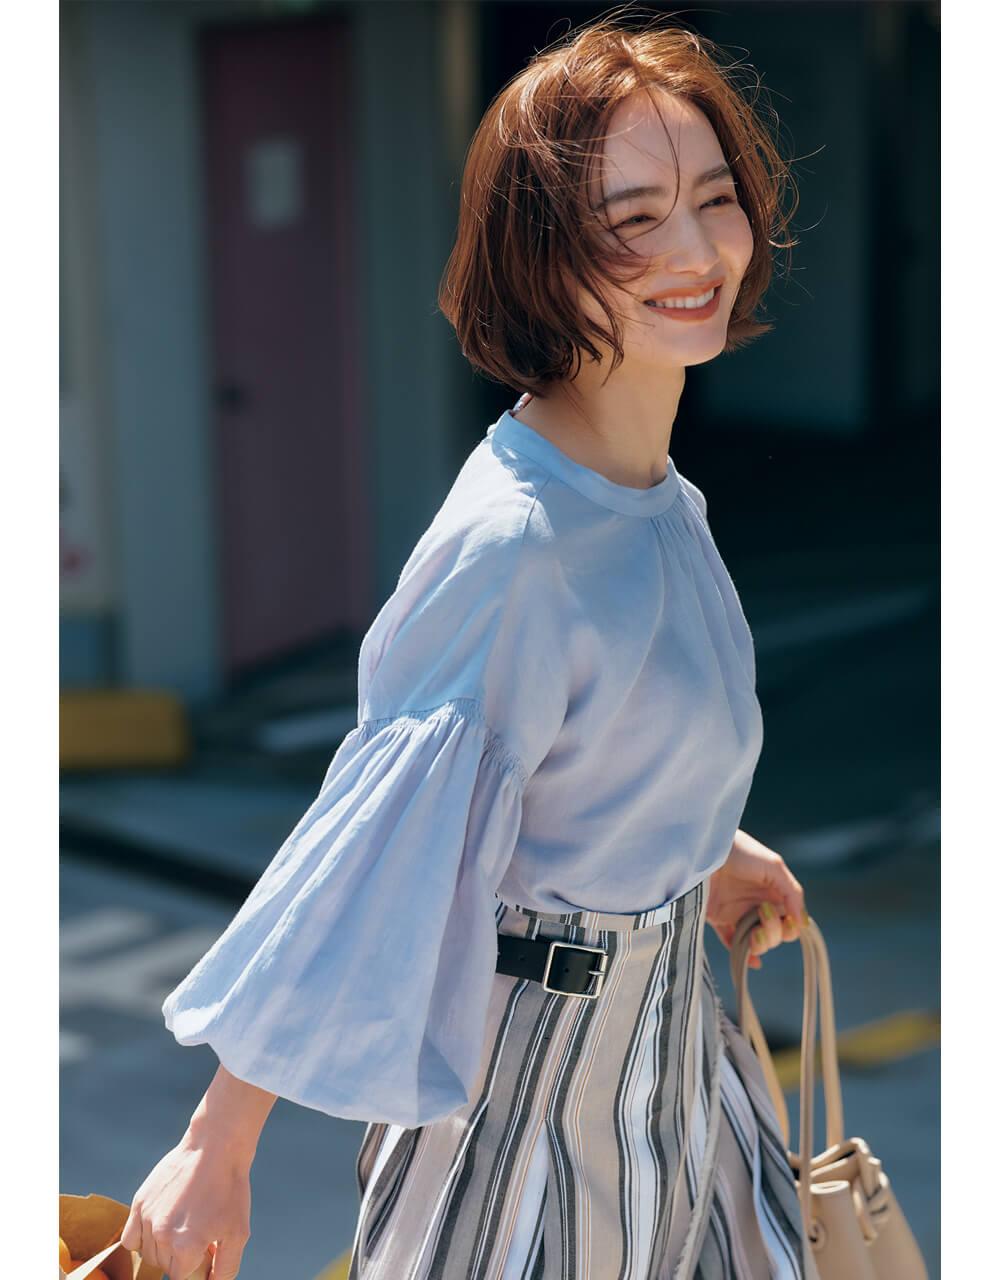 辻元舞 さん ベル形に膨らむ華やかスリーブで横顔まで美しく